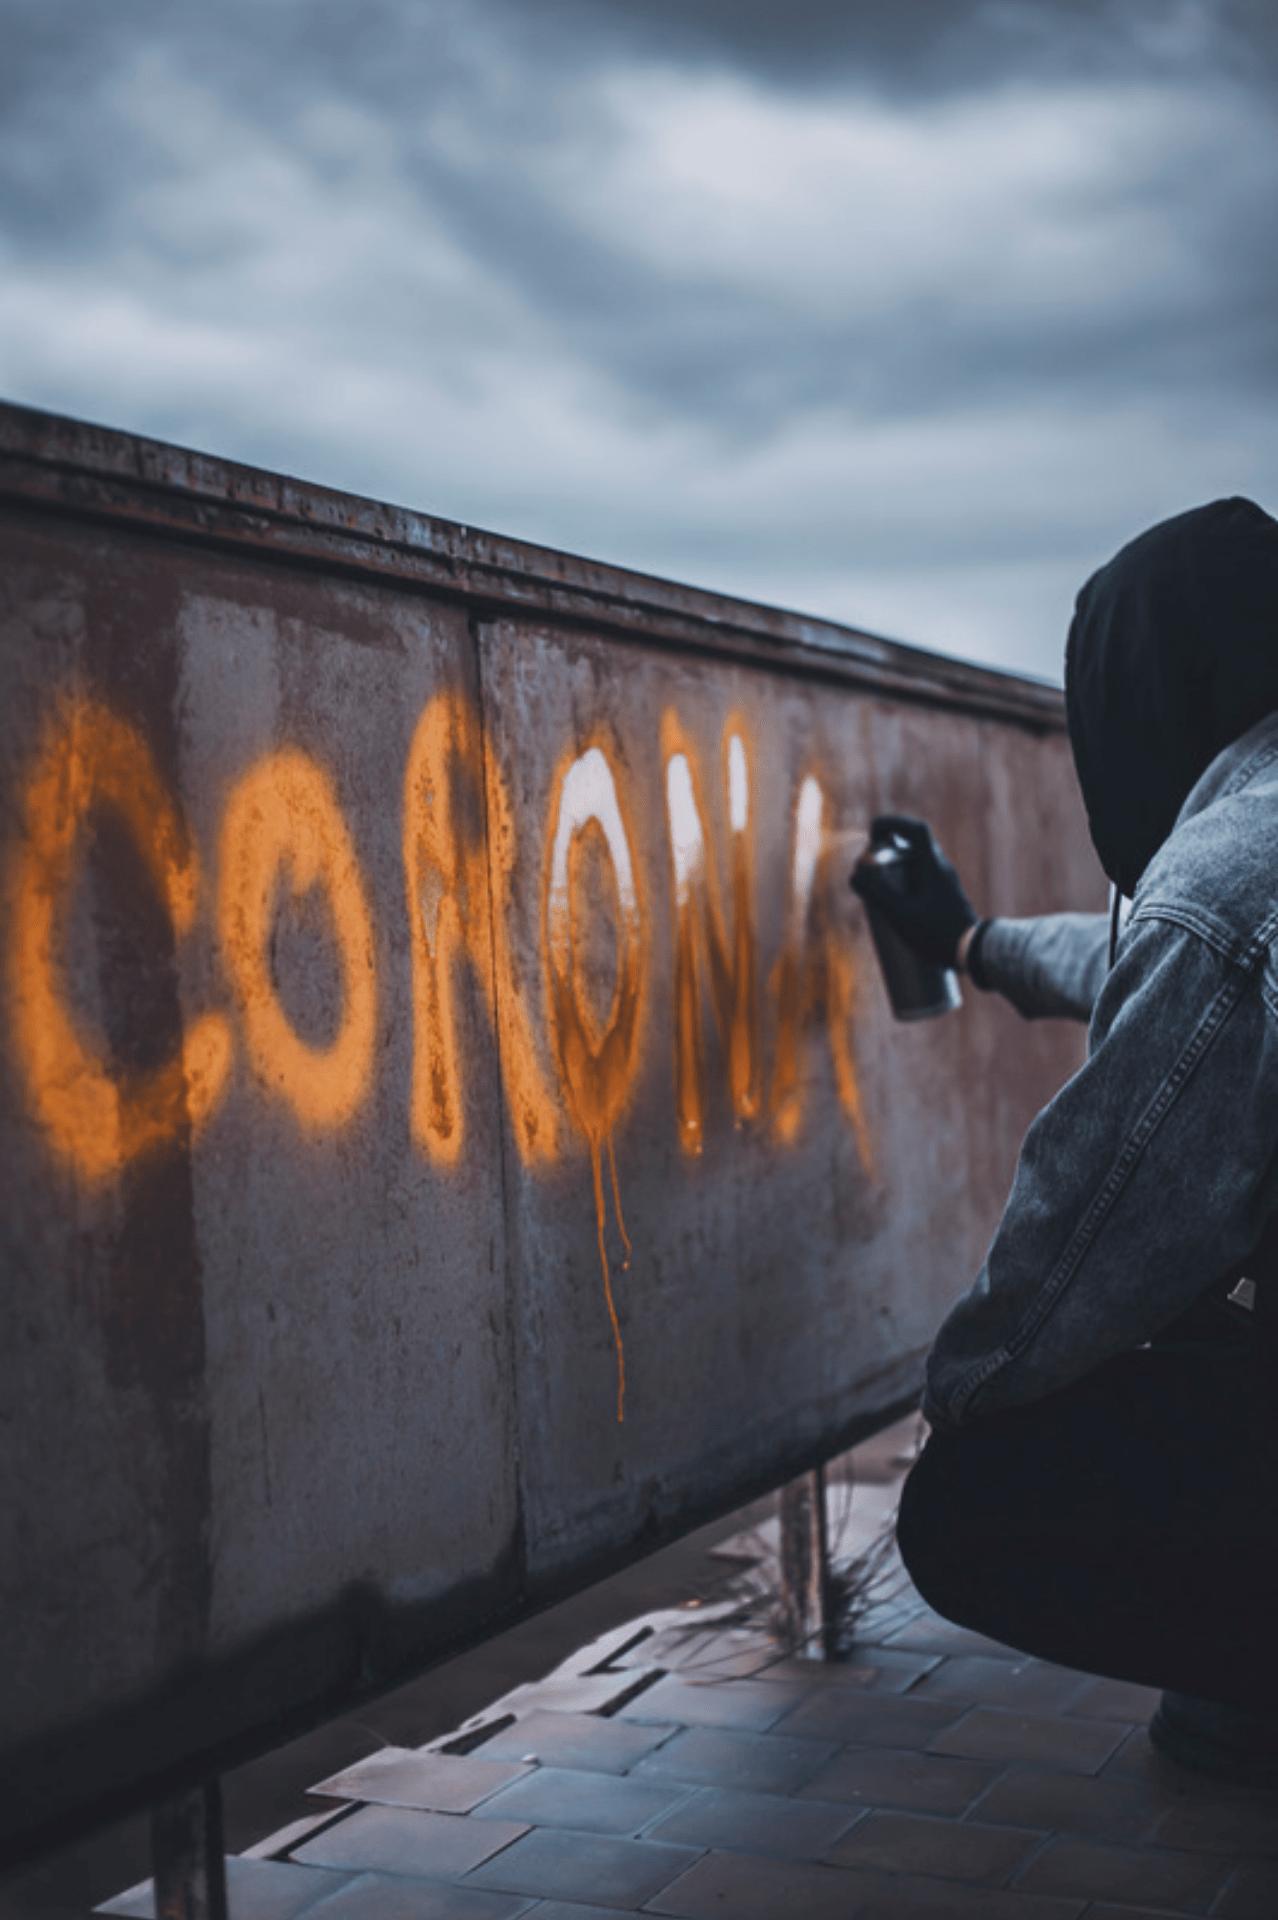 spray painting coronavirus